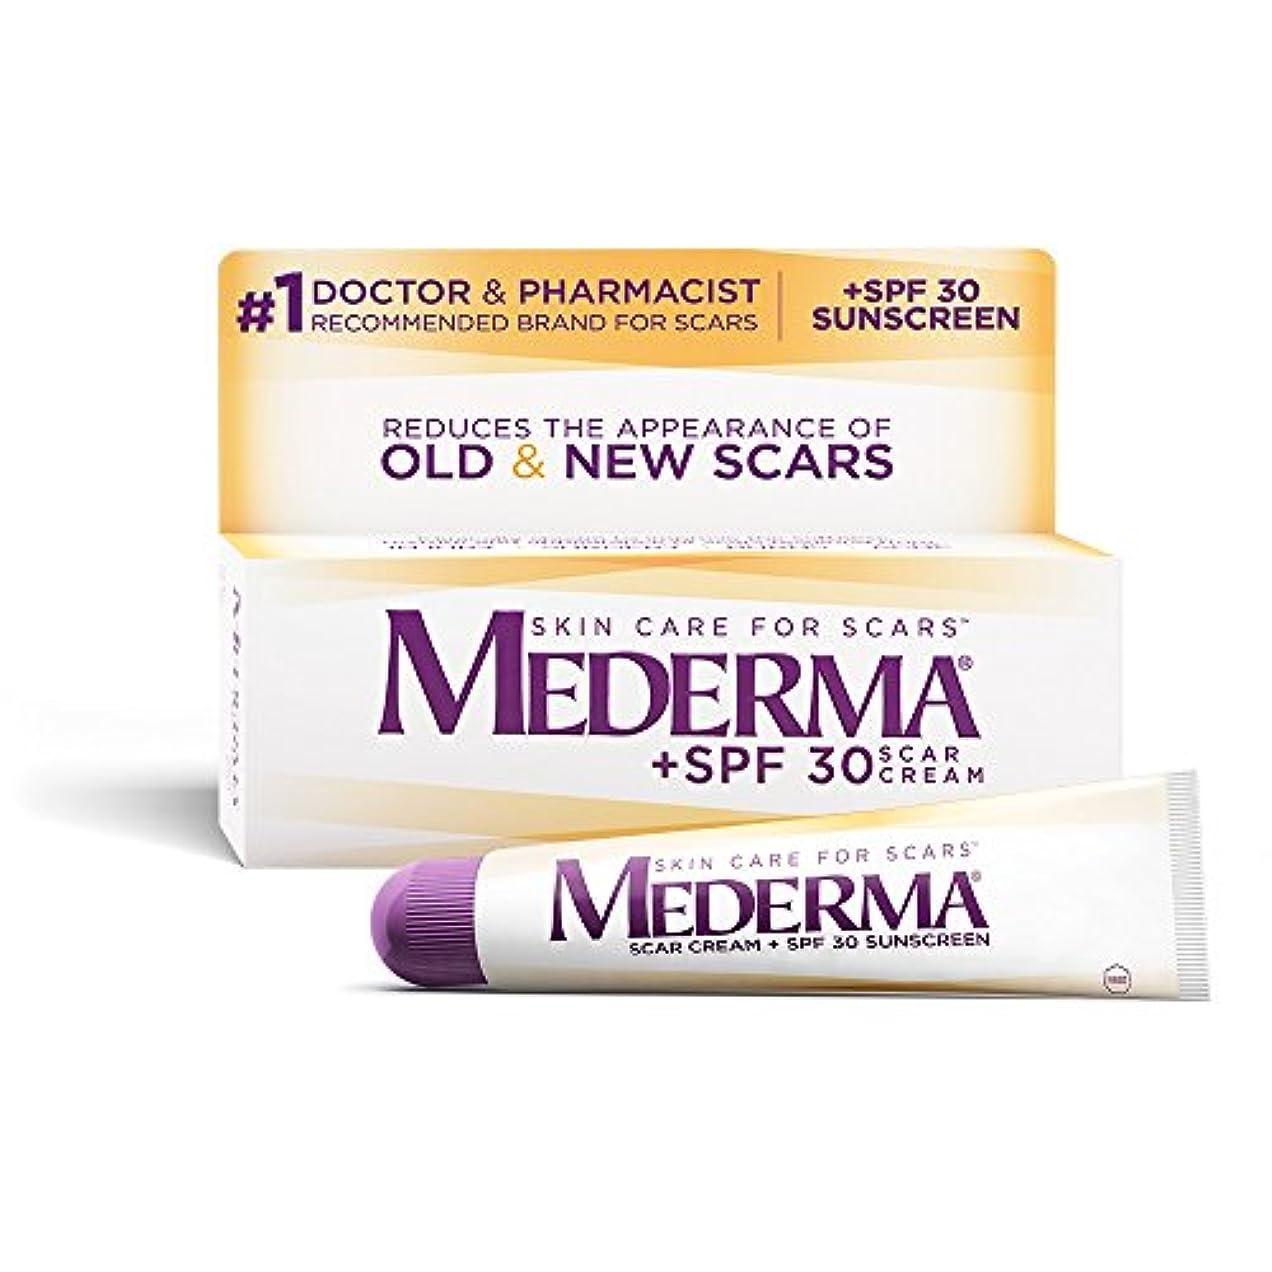 最適組立先新発売 Mederma社 日焼け止め成分SPF30配合 メドロマ(メデルマ) 1本 20g 海外直送品